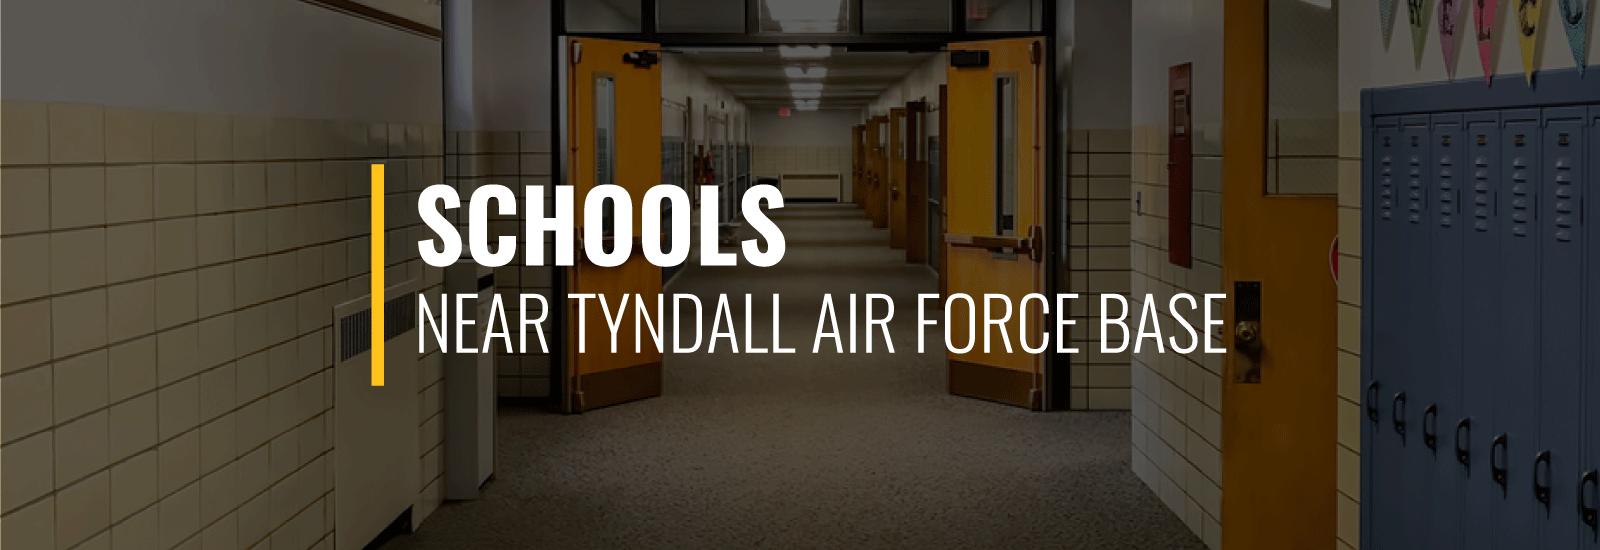 Tyndall AFB Schools